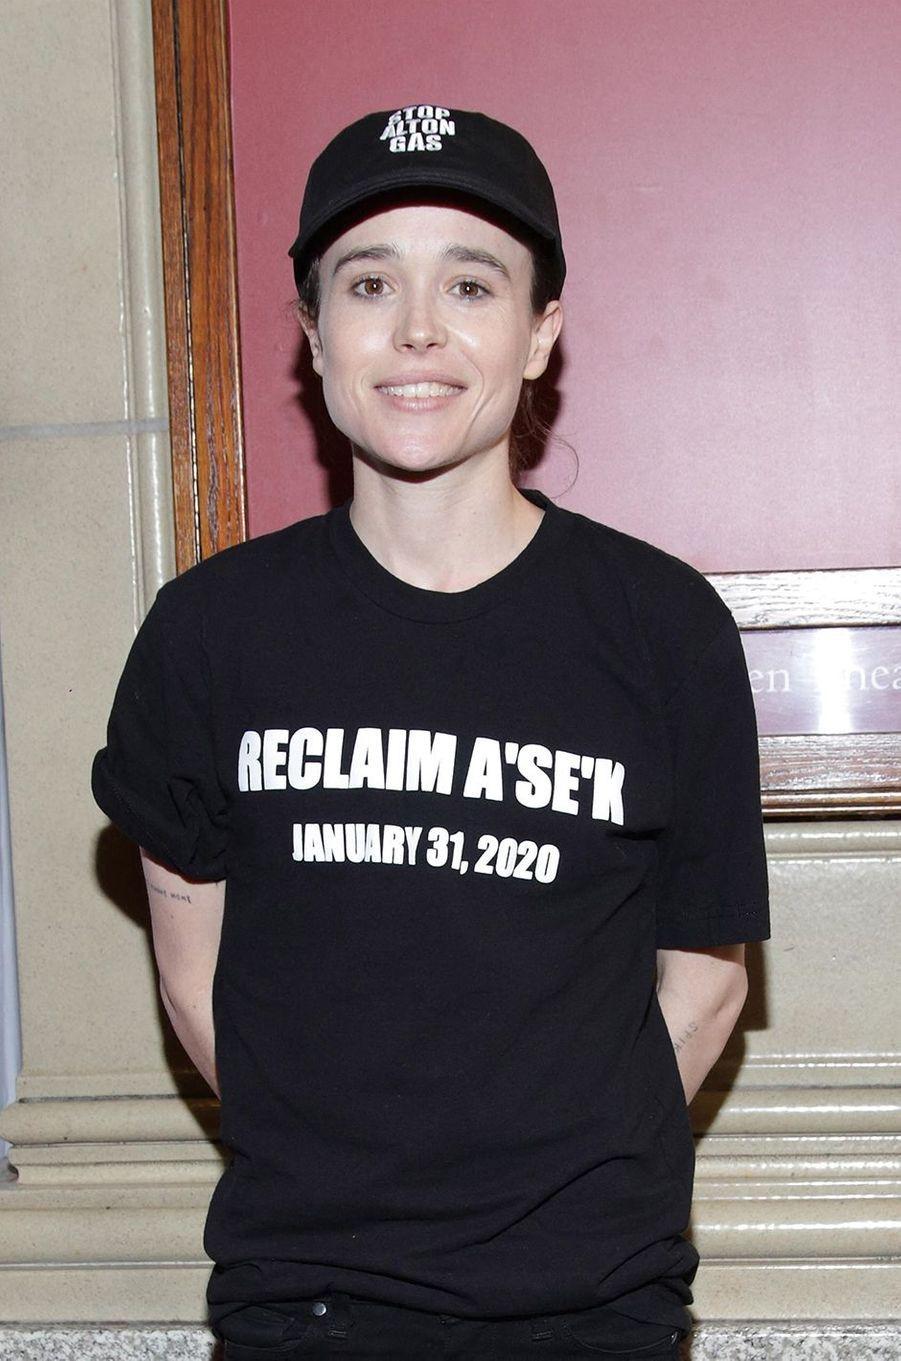 Ellen Page devient Elliot Page : l'acteur canadien a annoncé en décembre 2020 sa nouvelle identité.«J'aime être trans. Et j'aime être queer. Et plus j'embrasse qui je suis, plus je rêve, plus mon coeur grossit et plus je m'épanouis», a-t-il notamment dit, promettant d'oeuvrer «sans relâche pour un monde plus inclusif et empathique».